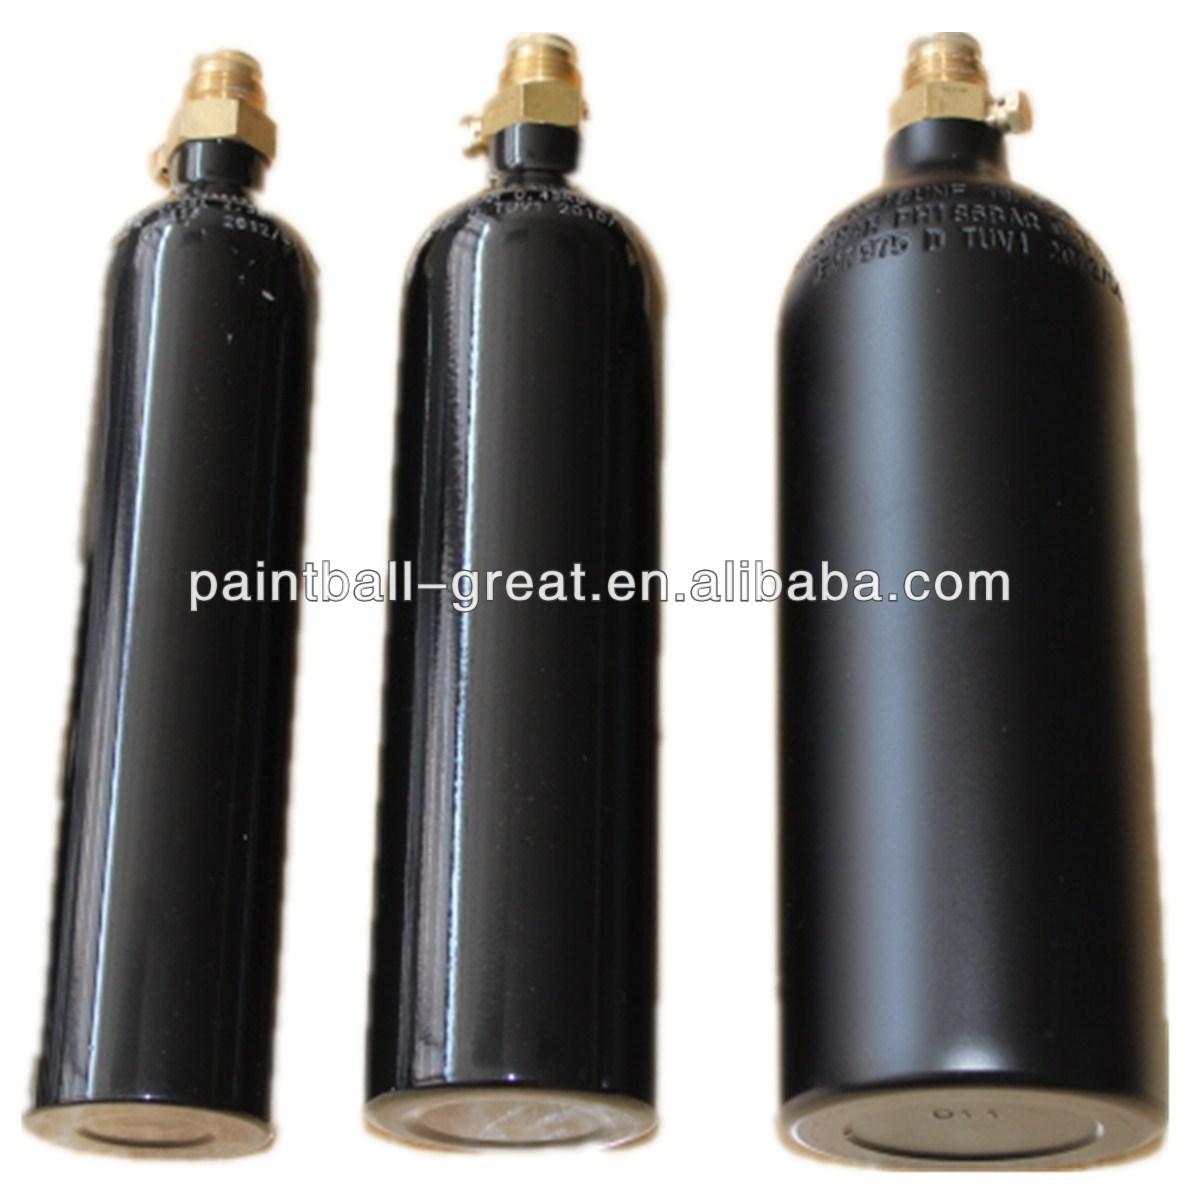 Paintball Co2 Tank Paintball tank aluminum bottlePaintball Co2 Tank Sizes